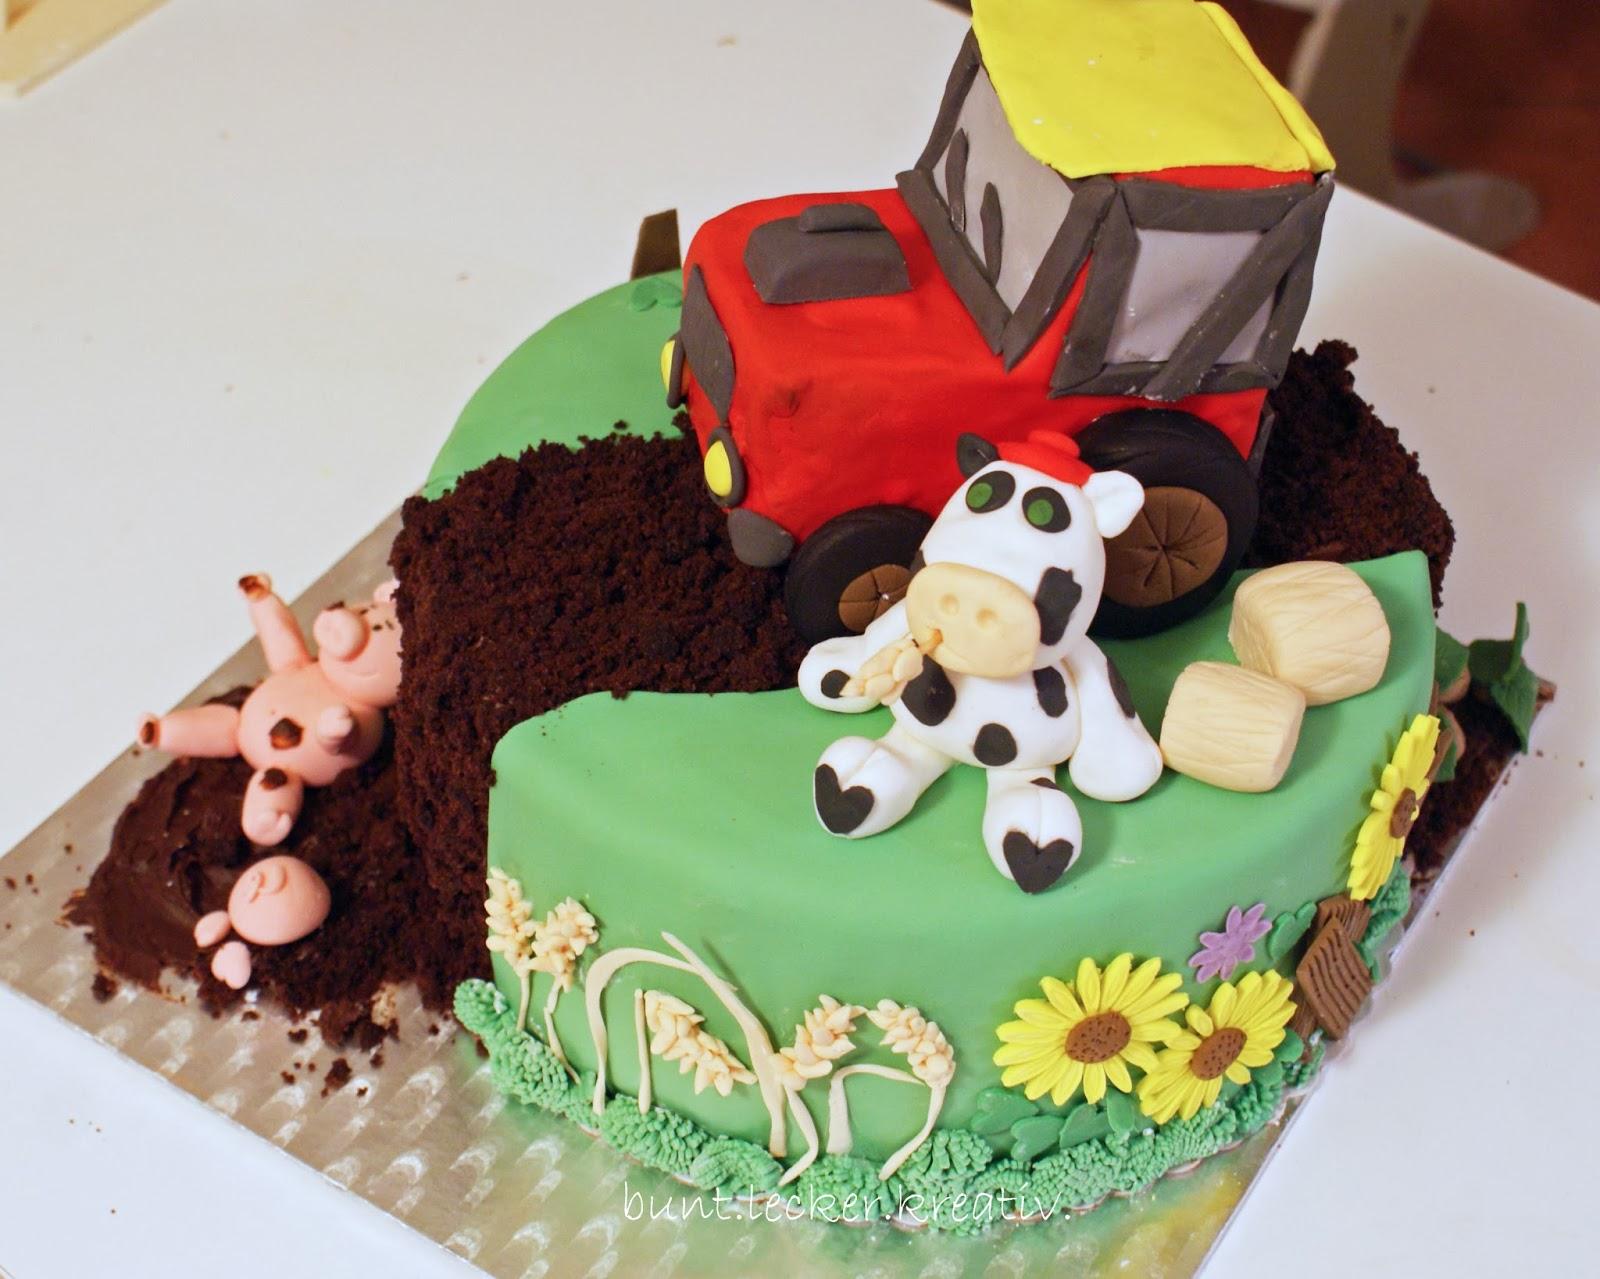 Bauernhof torte for Kindergeburtstag 1 jahr deko